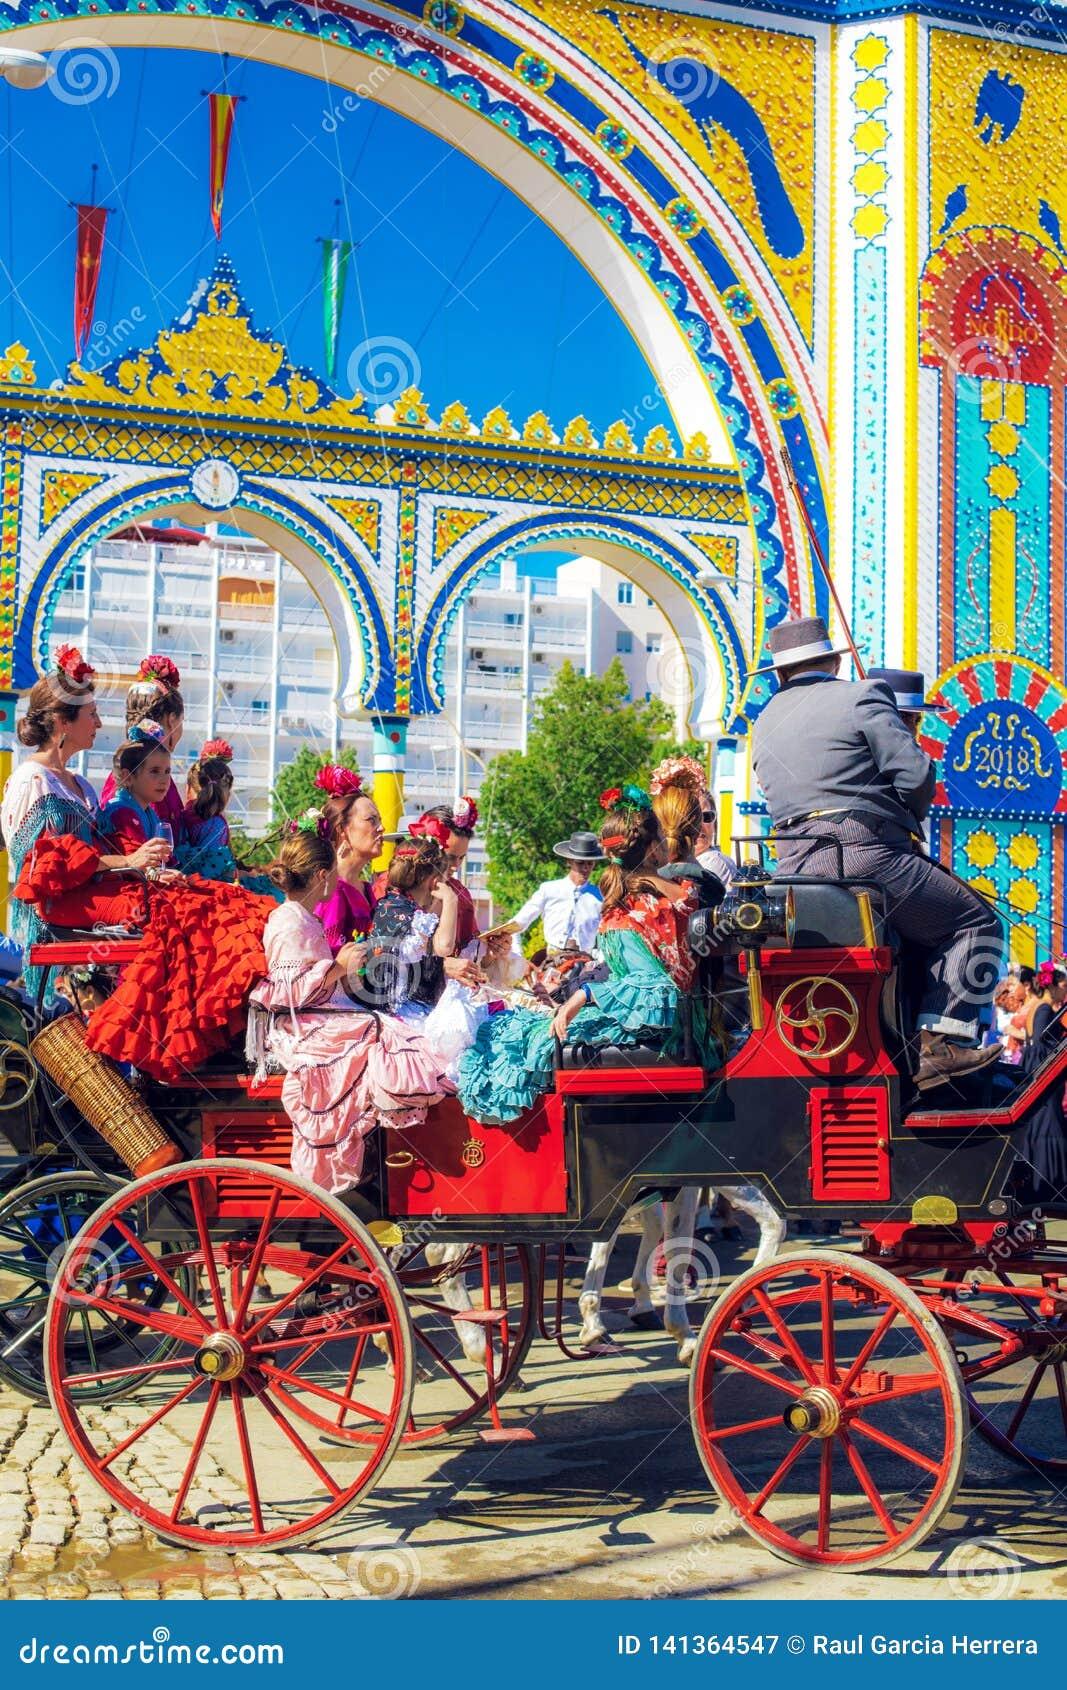 Famílias espanholas no vestido tradicional e colorido que viaja no transportes puxados a cavalo em April Fair